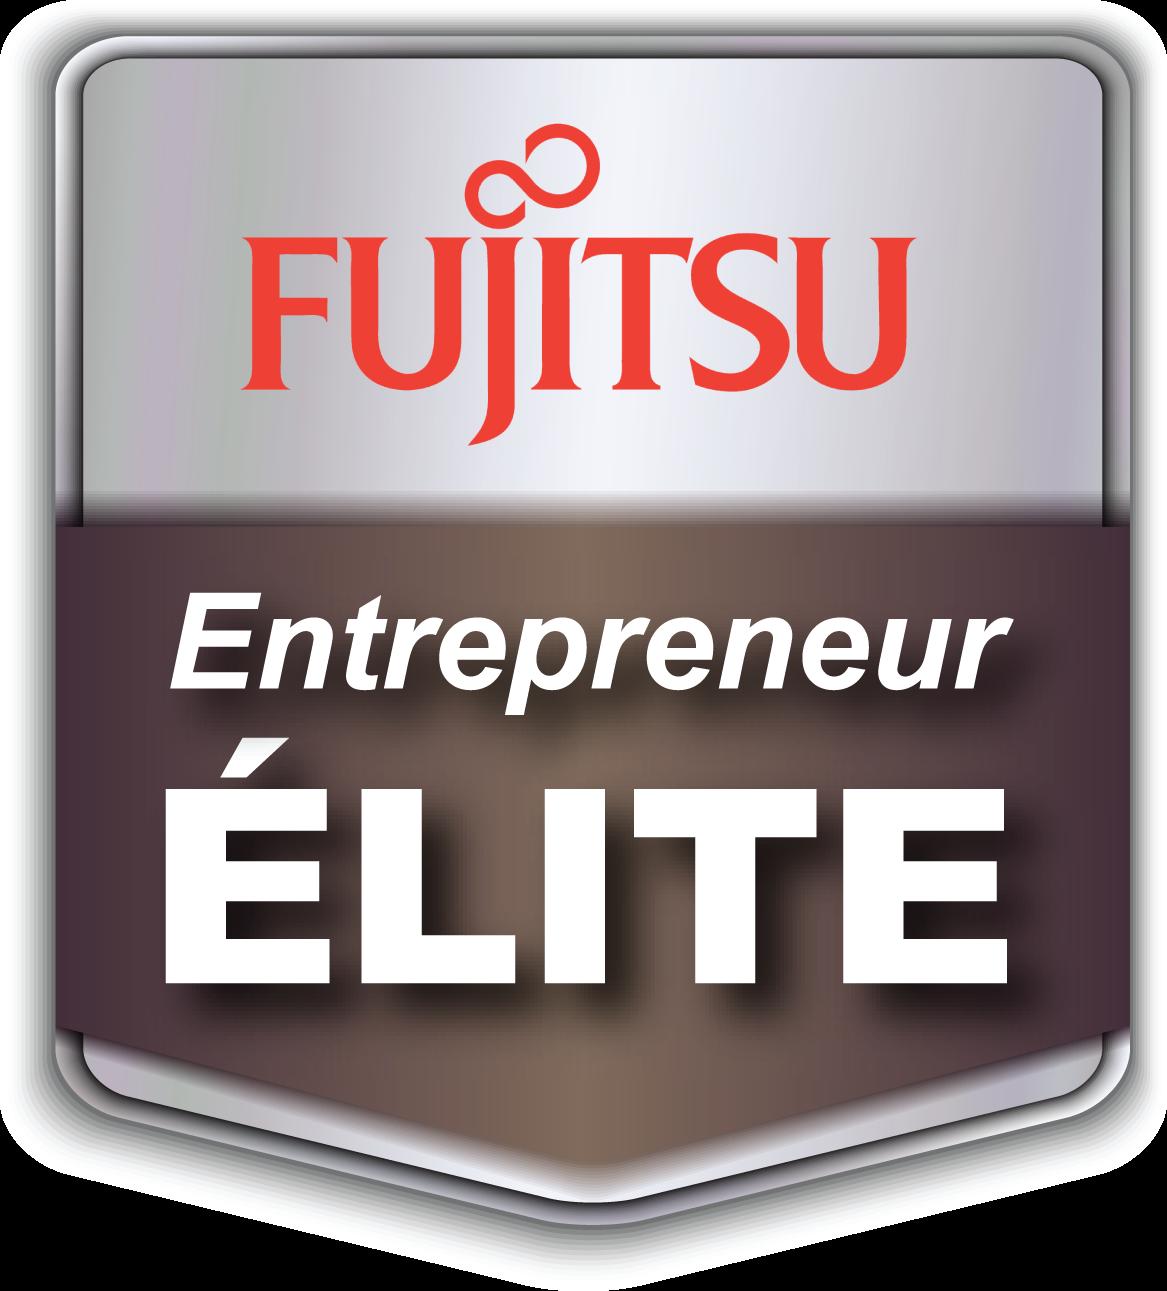 Entrepreneur Elite FUJITSU leprohon